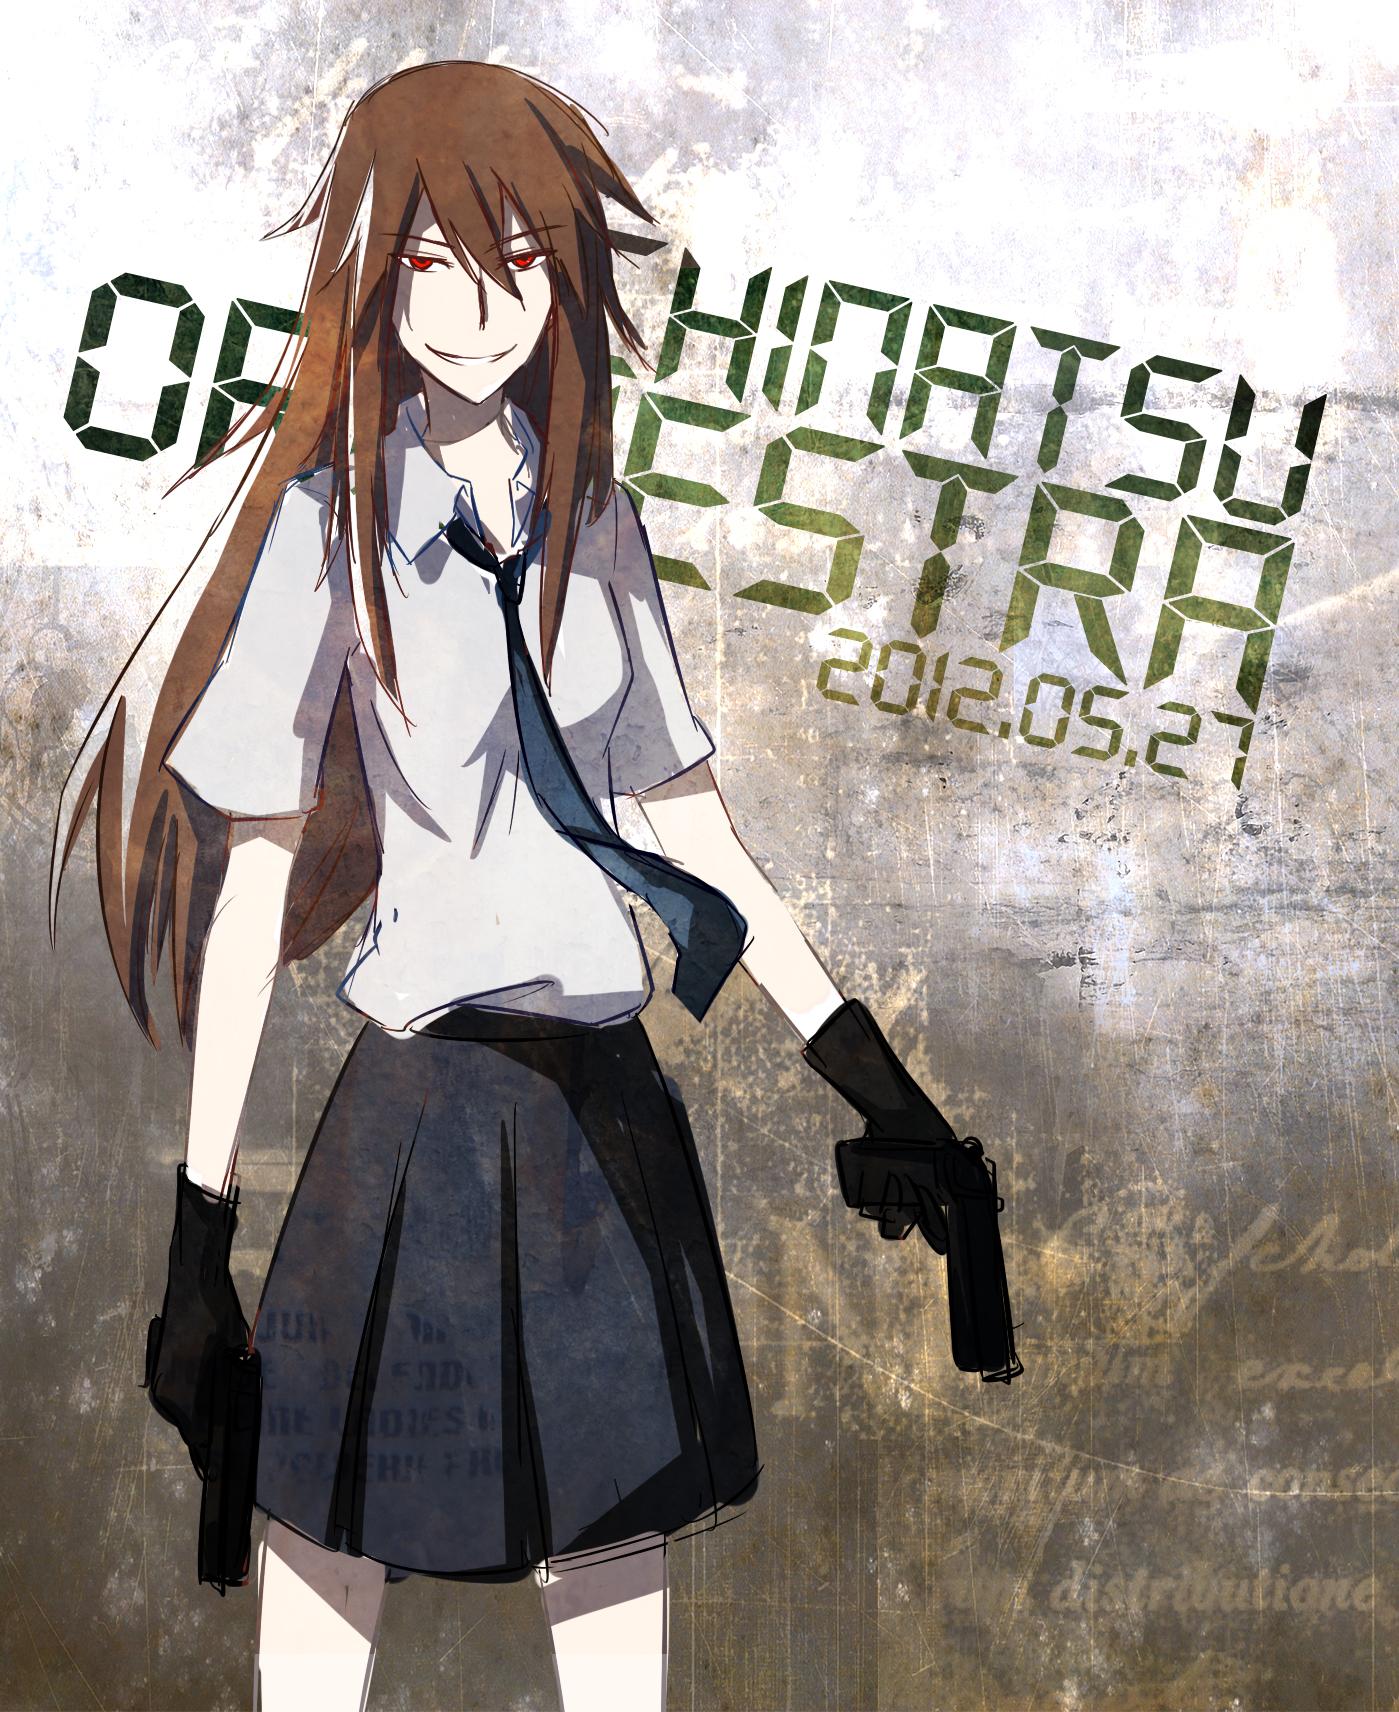 Chinatsu (Jormungand)/#1283880 - Zerochan